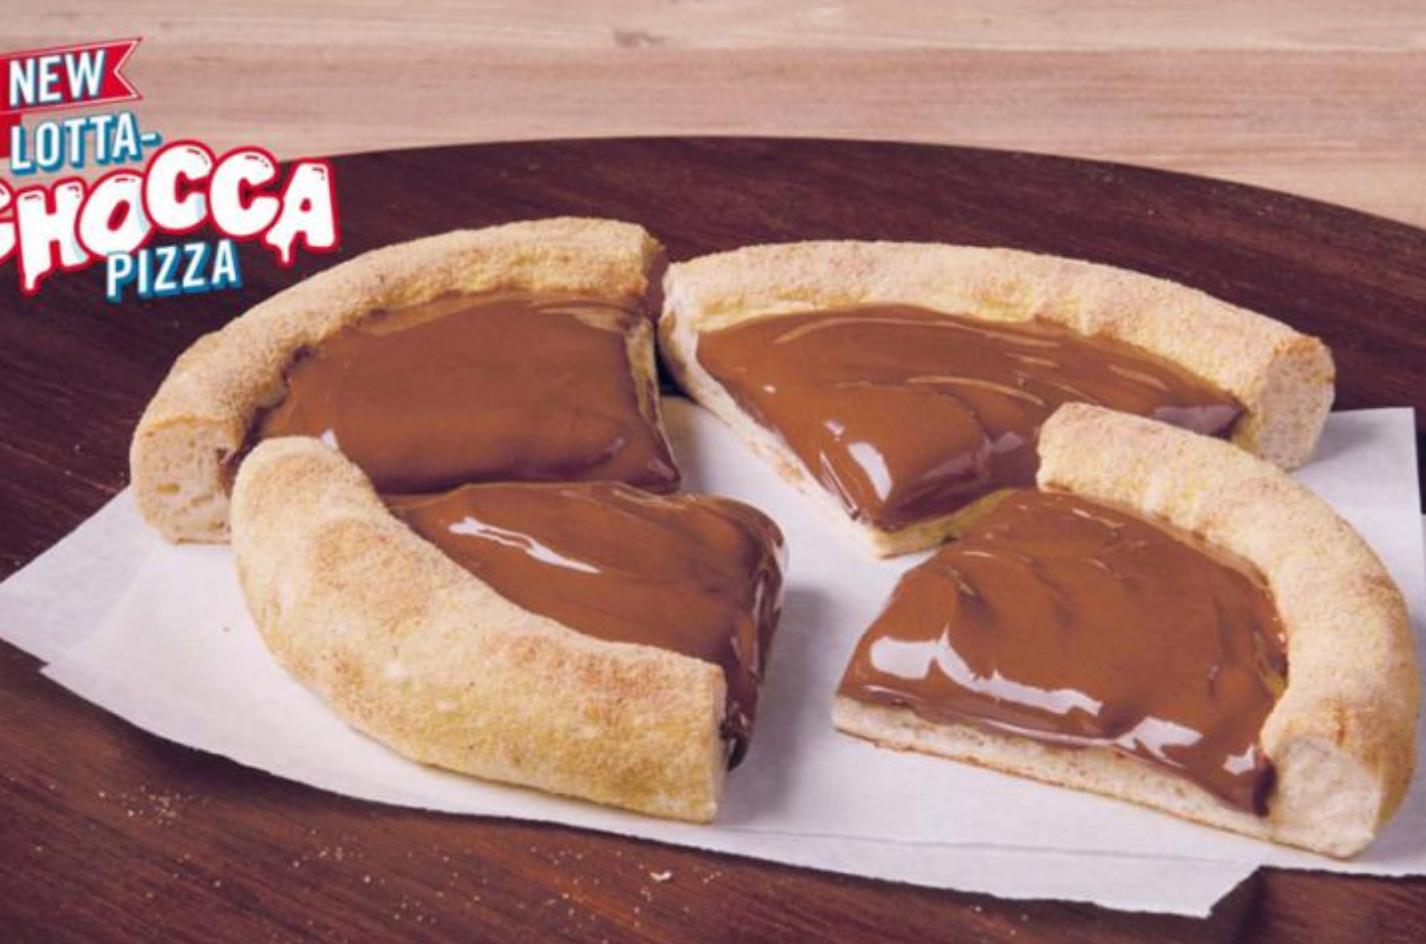 'In choc': Domino's zet chocoladepizza op de kaart